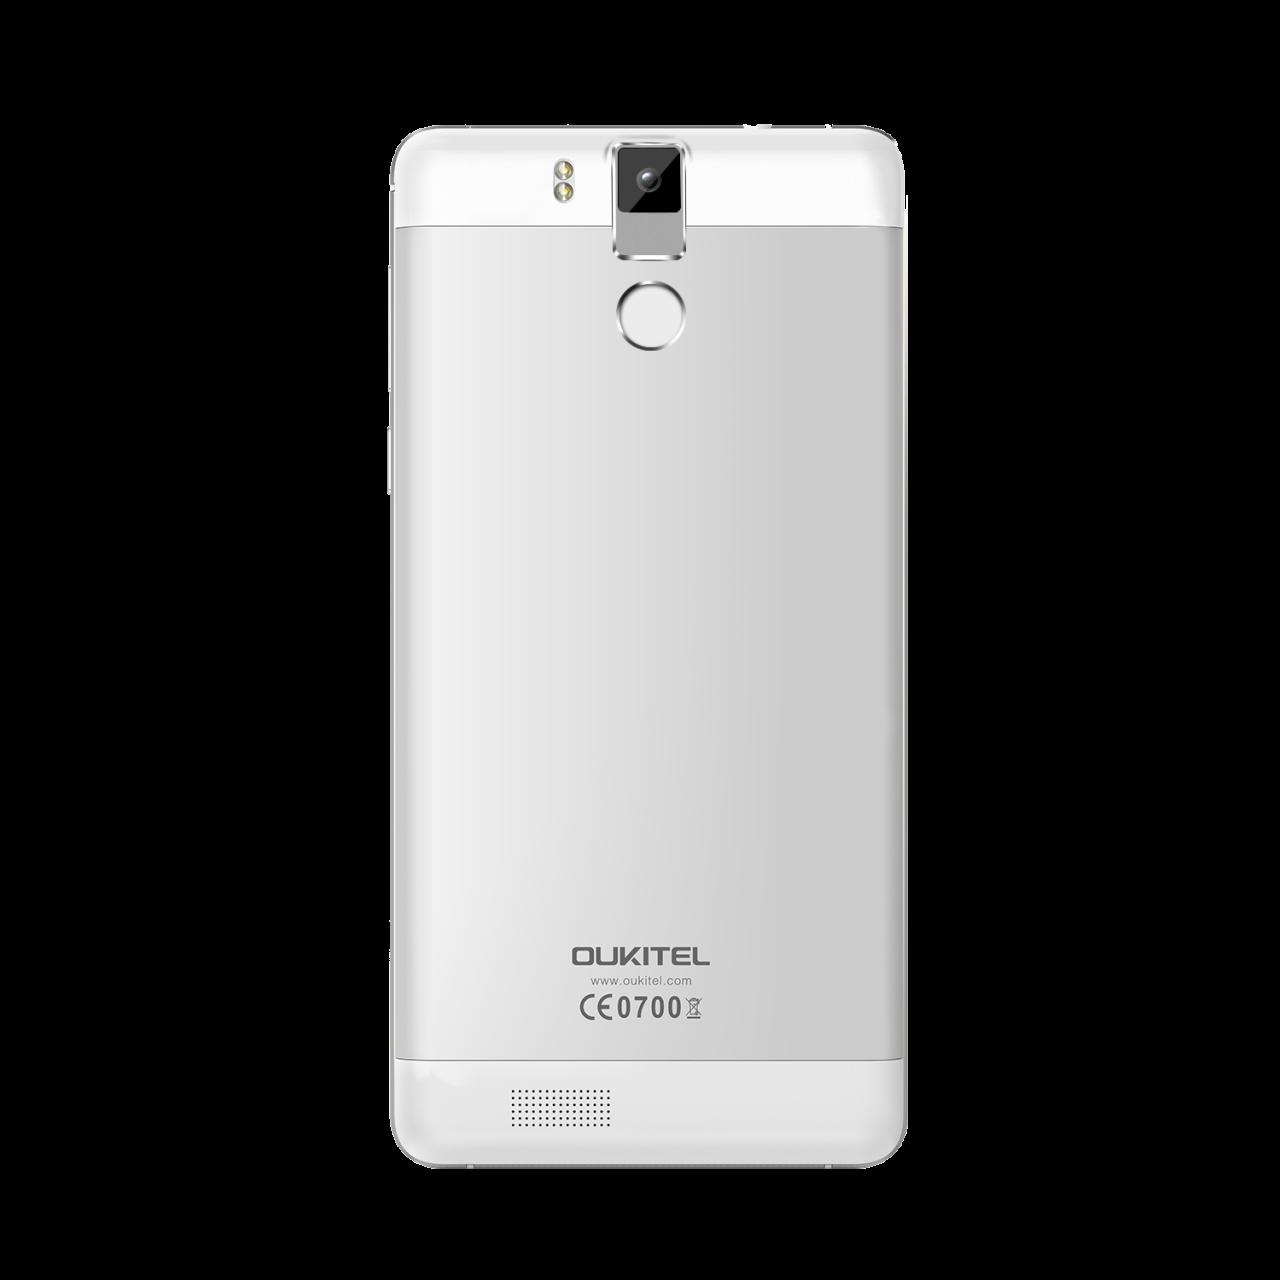 Oukitel annuncia ufficialmente K6000 Pro... 4 mesi dopo averlo annunciato